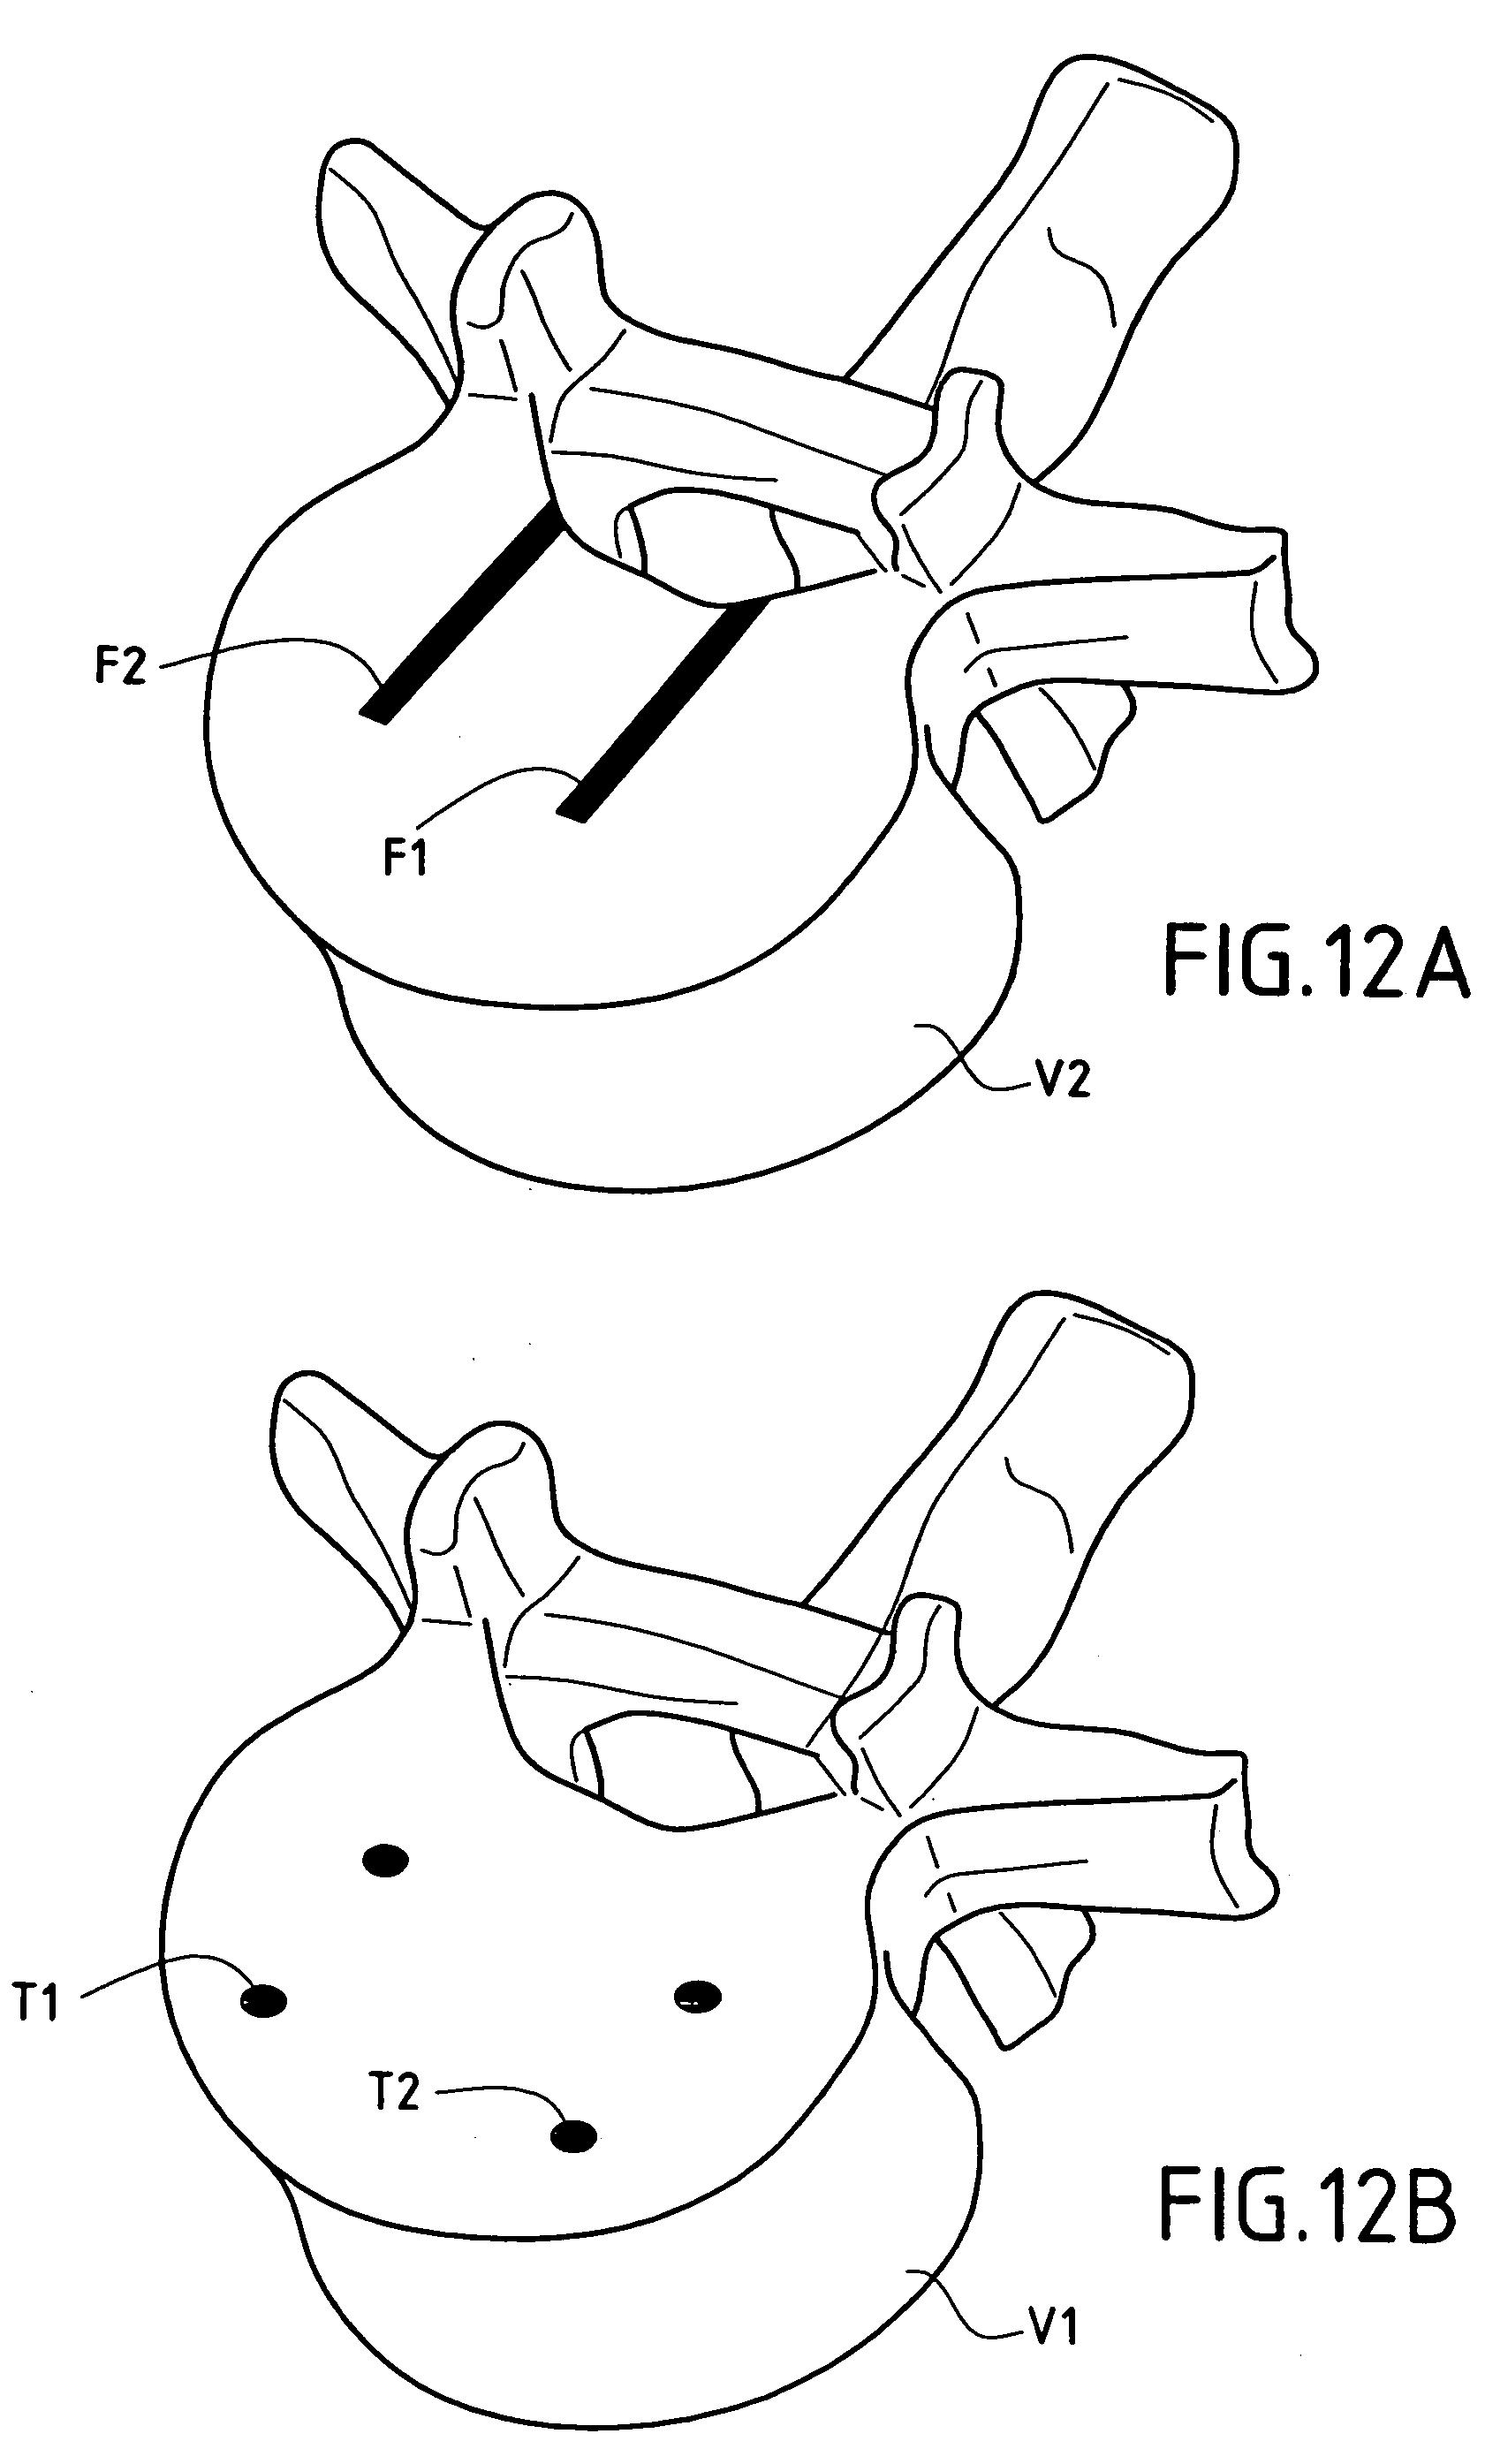 intervertebral disk prothesis